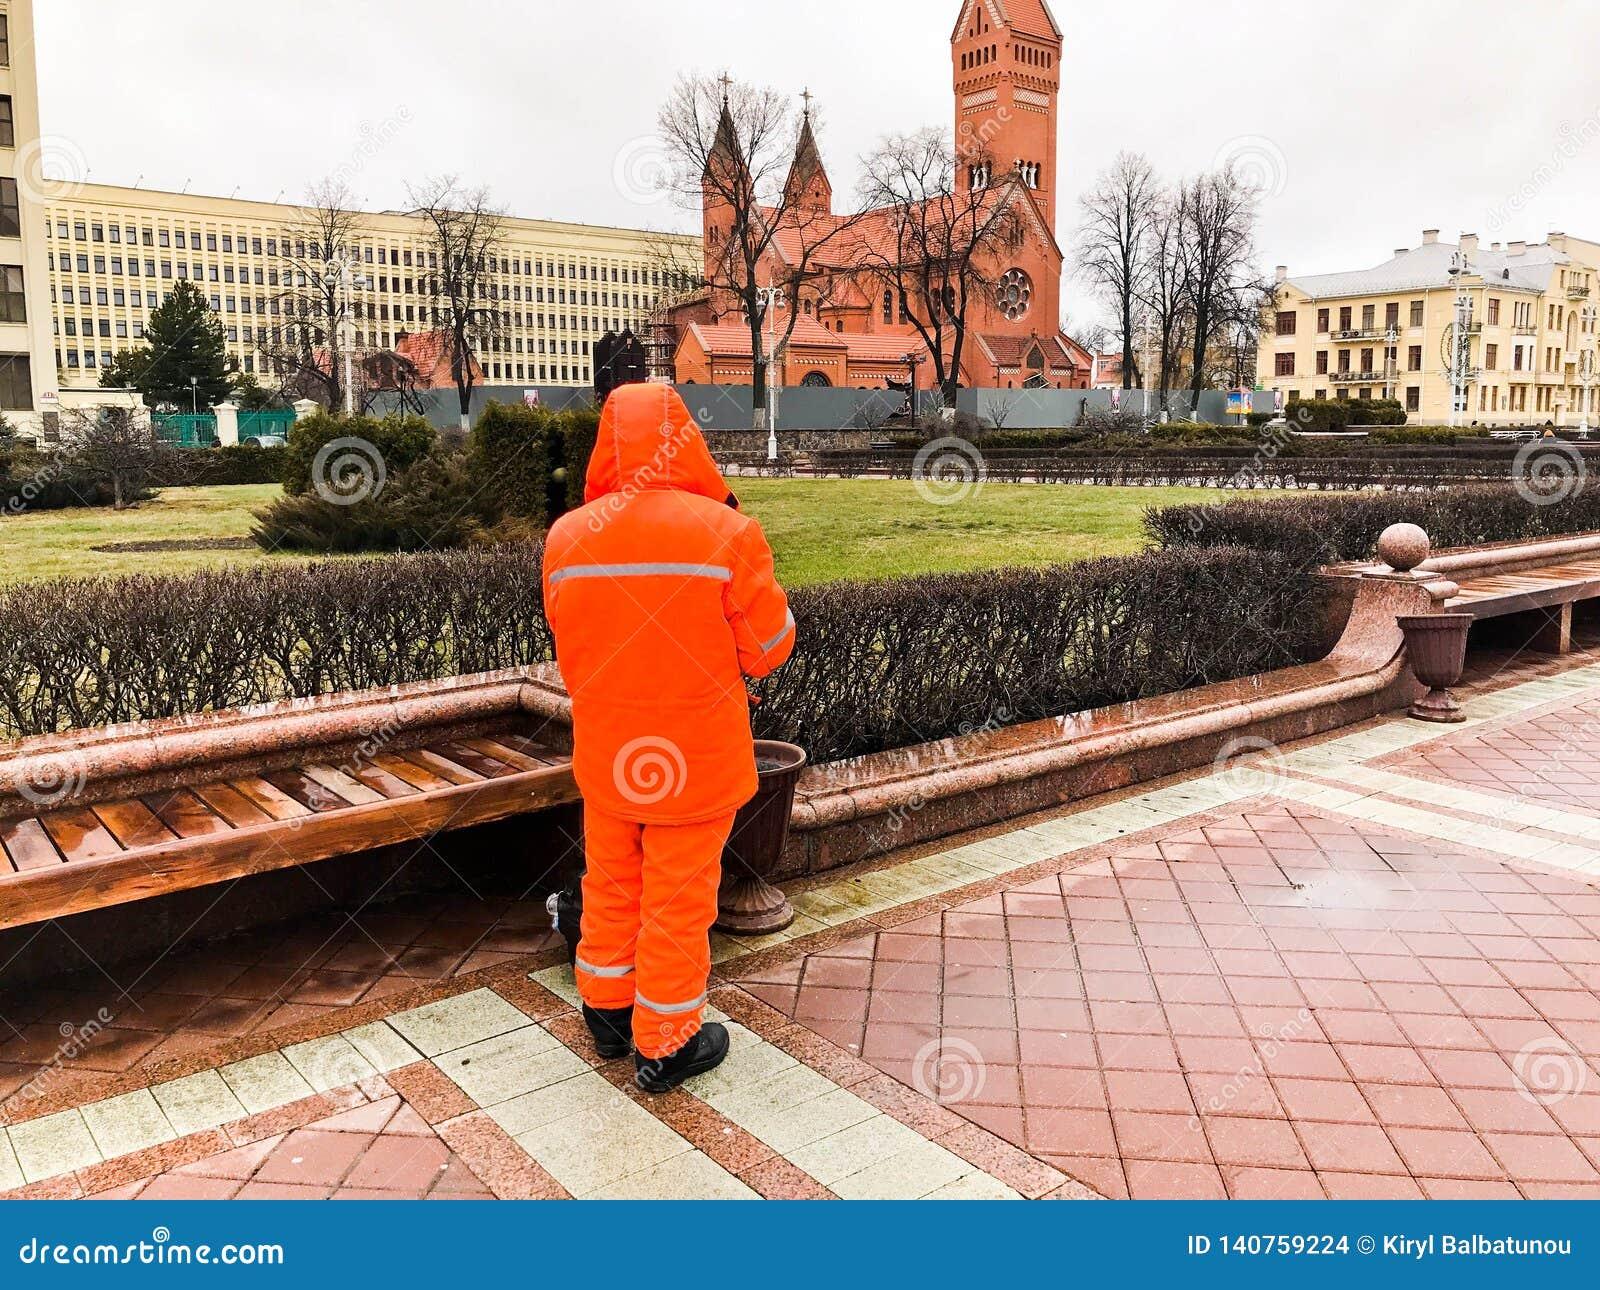 De mannelijke werkende reinigingsmachine in oranje overall die robekleren dragen die maakt de straten van de stad schoon werken